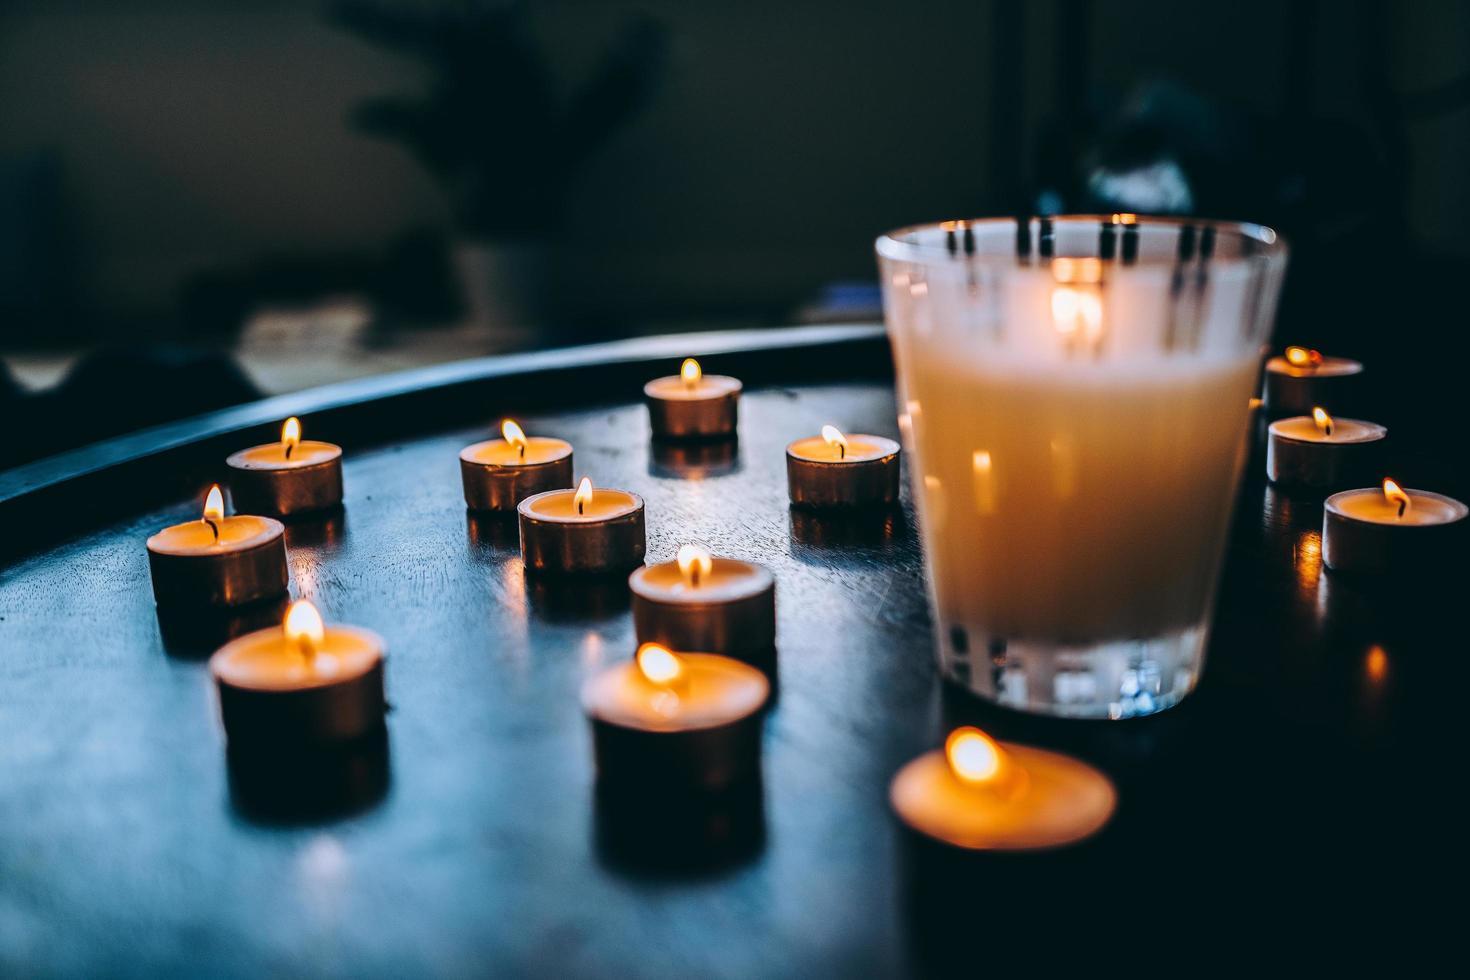 aangestoken kaarsen op tafel foto